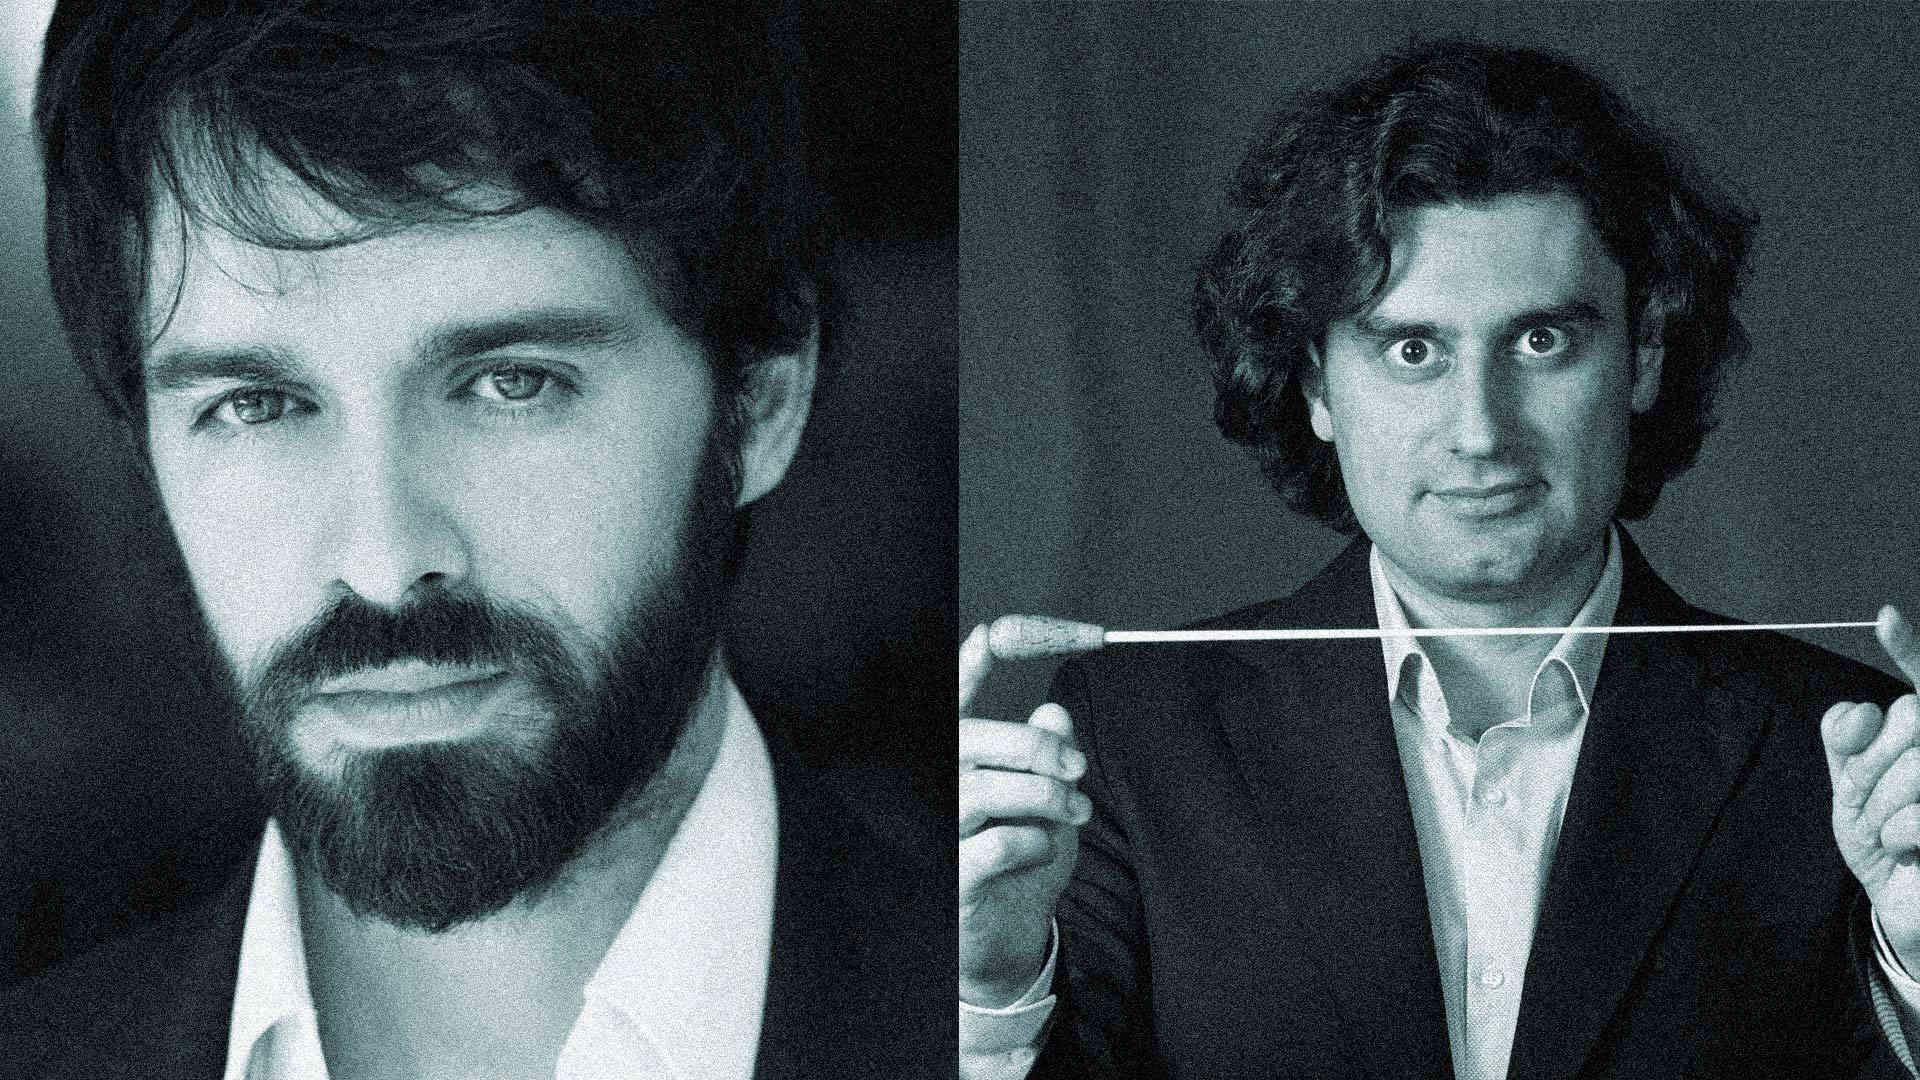 En familia. «Voz, música y fantasía», con Alberto Amarilla y Mihnea Ignat